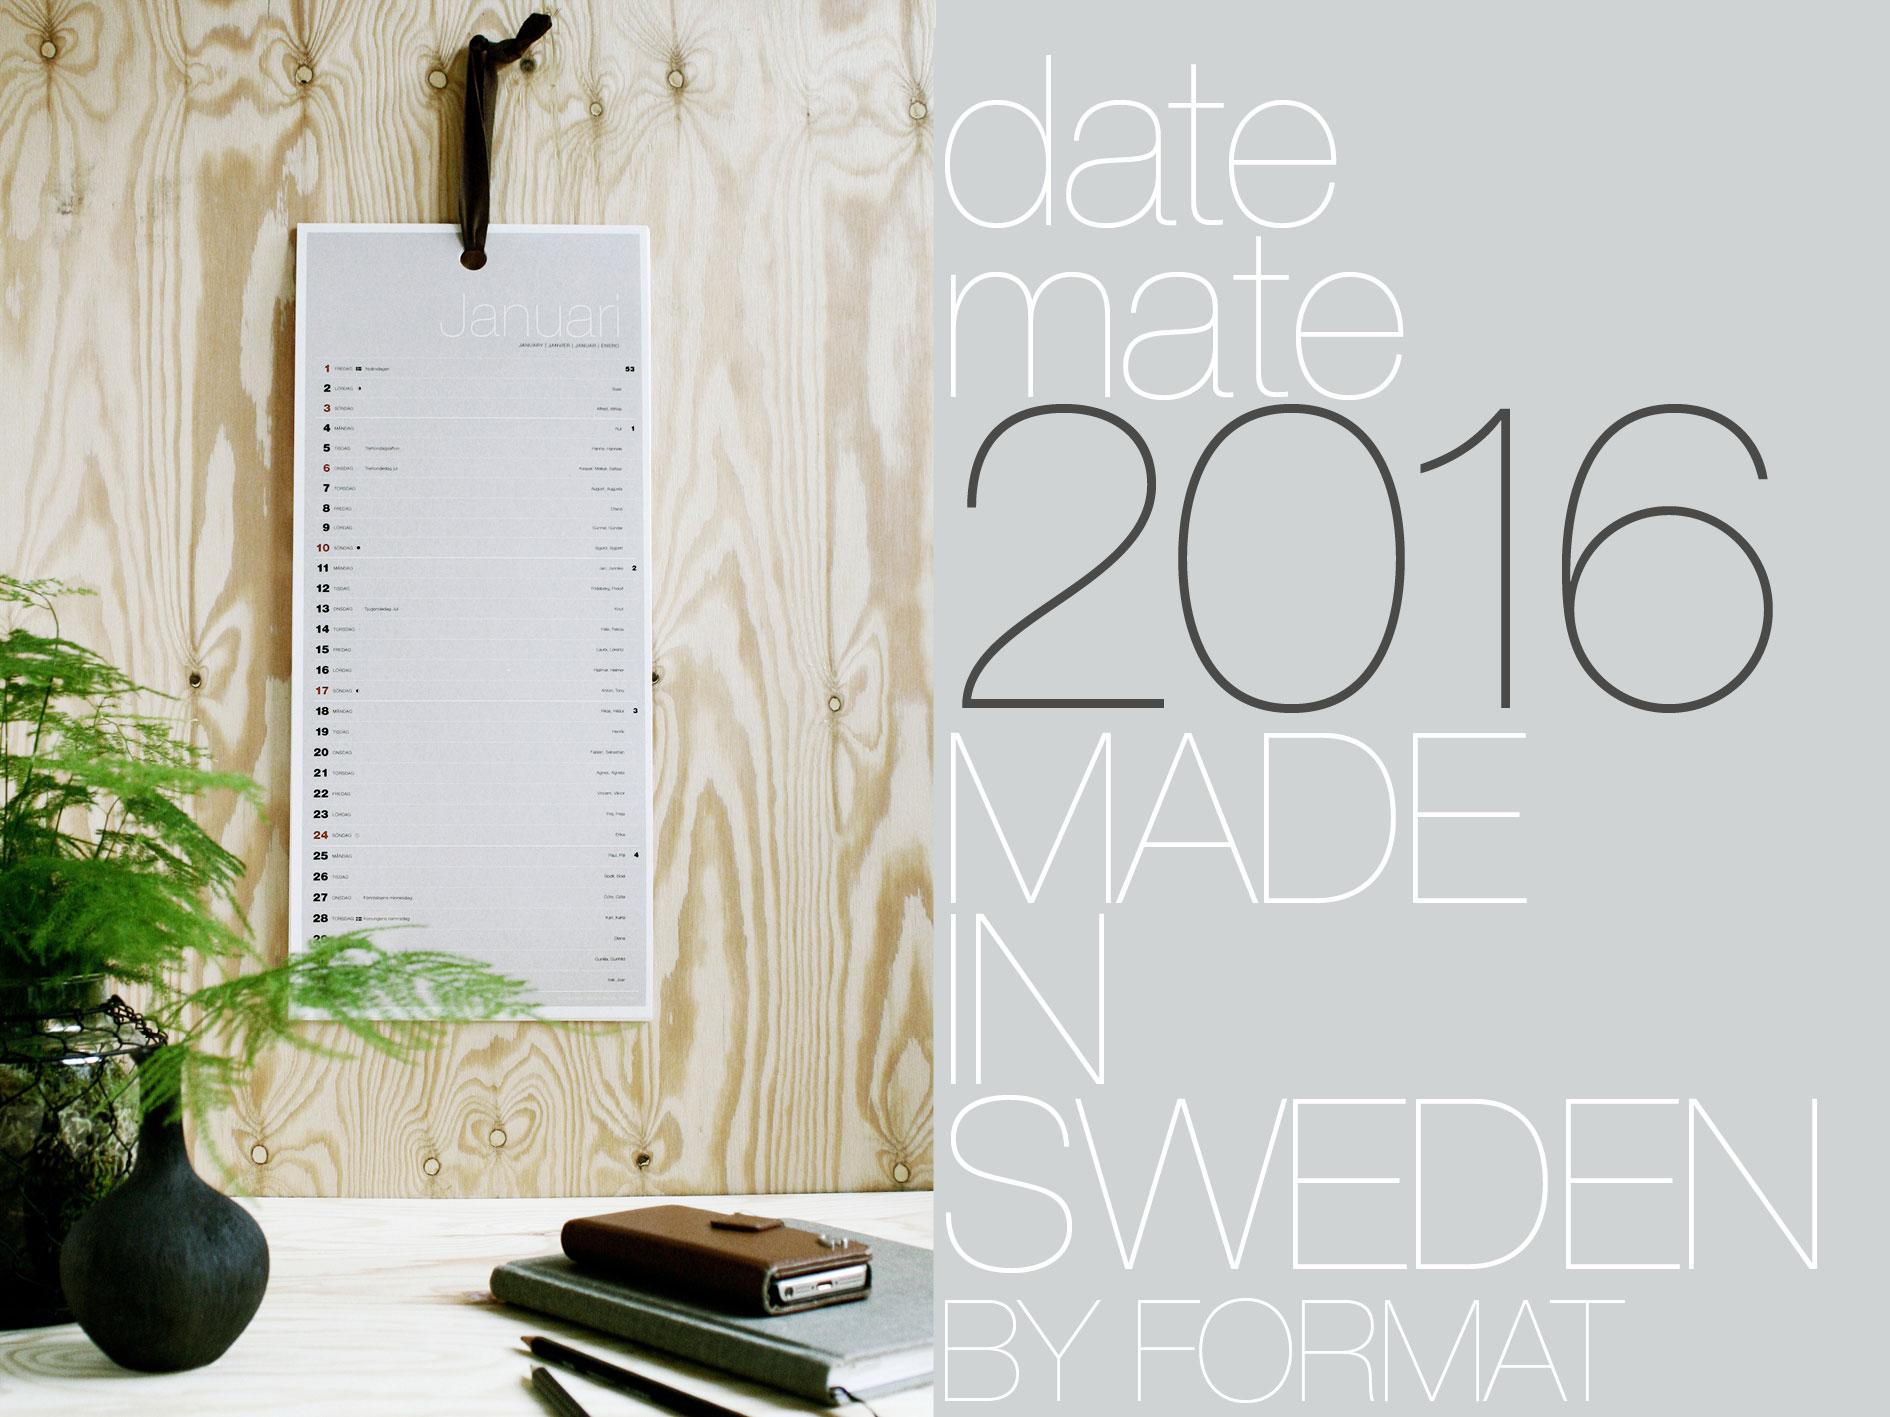 datemate_16